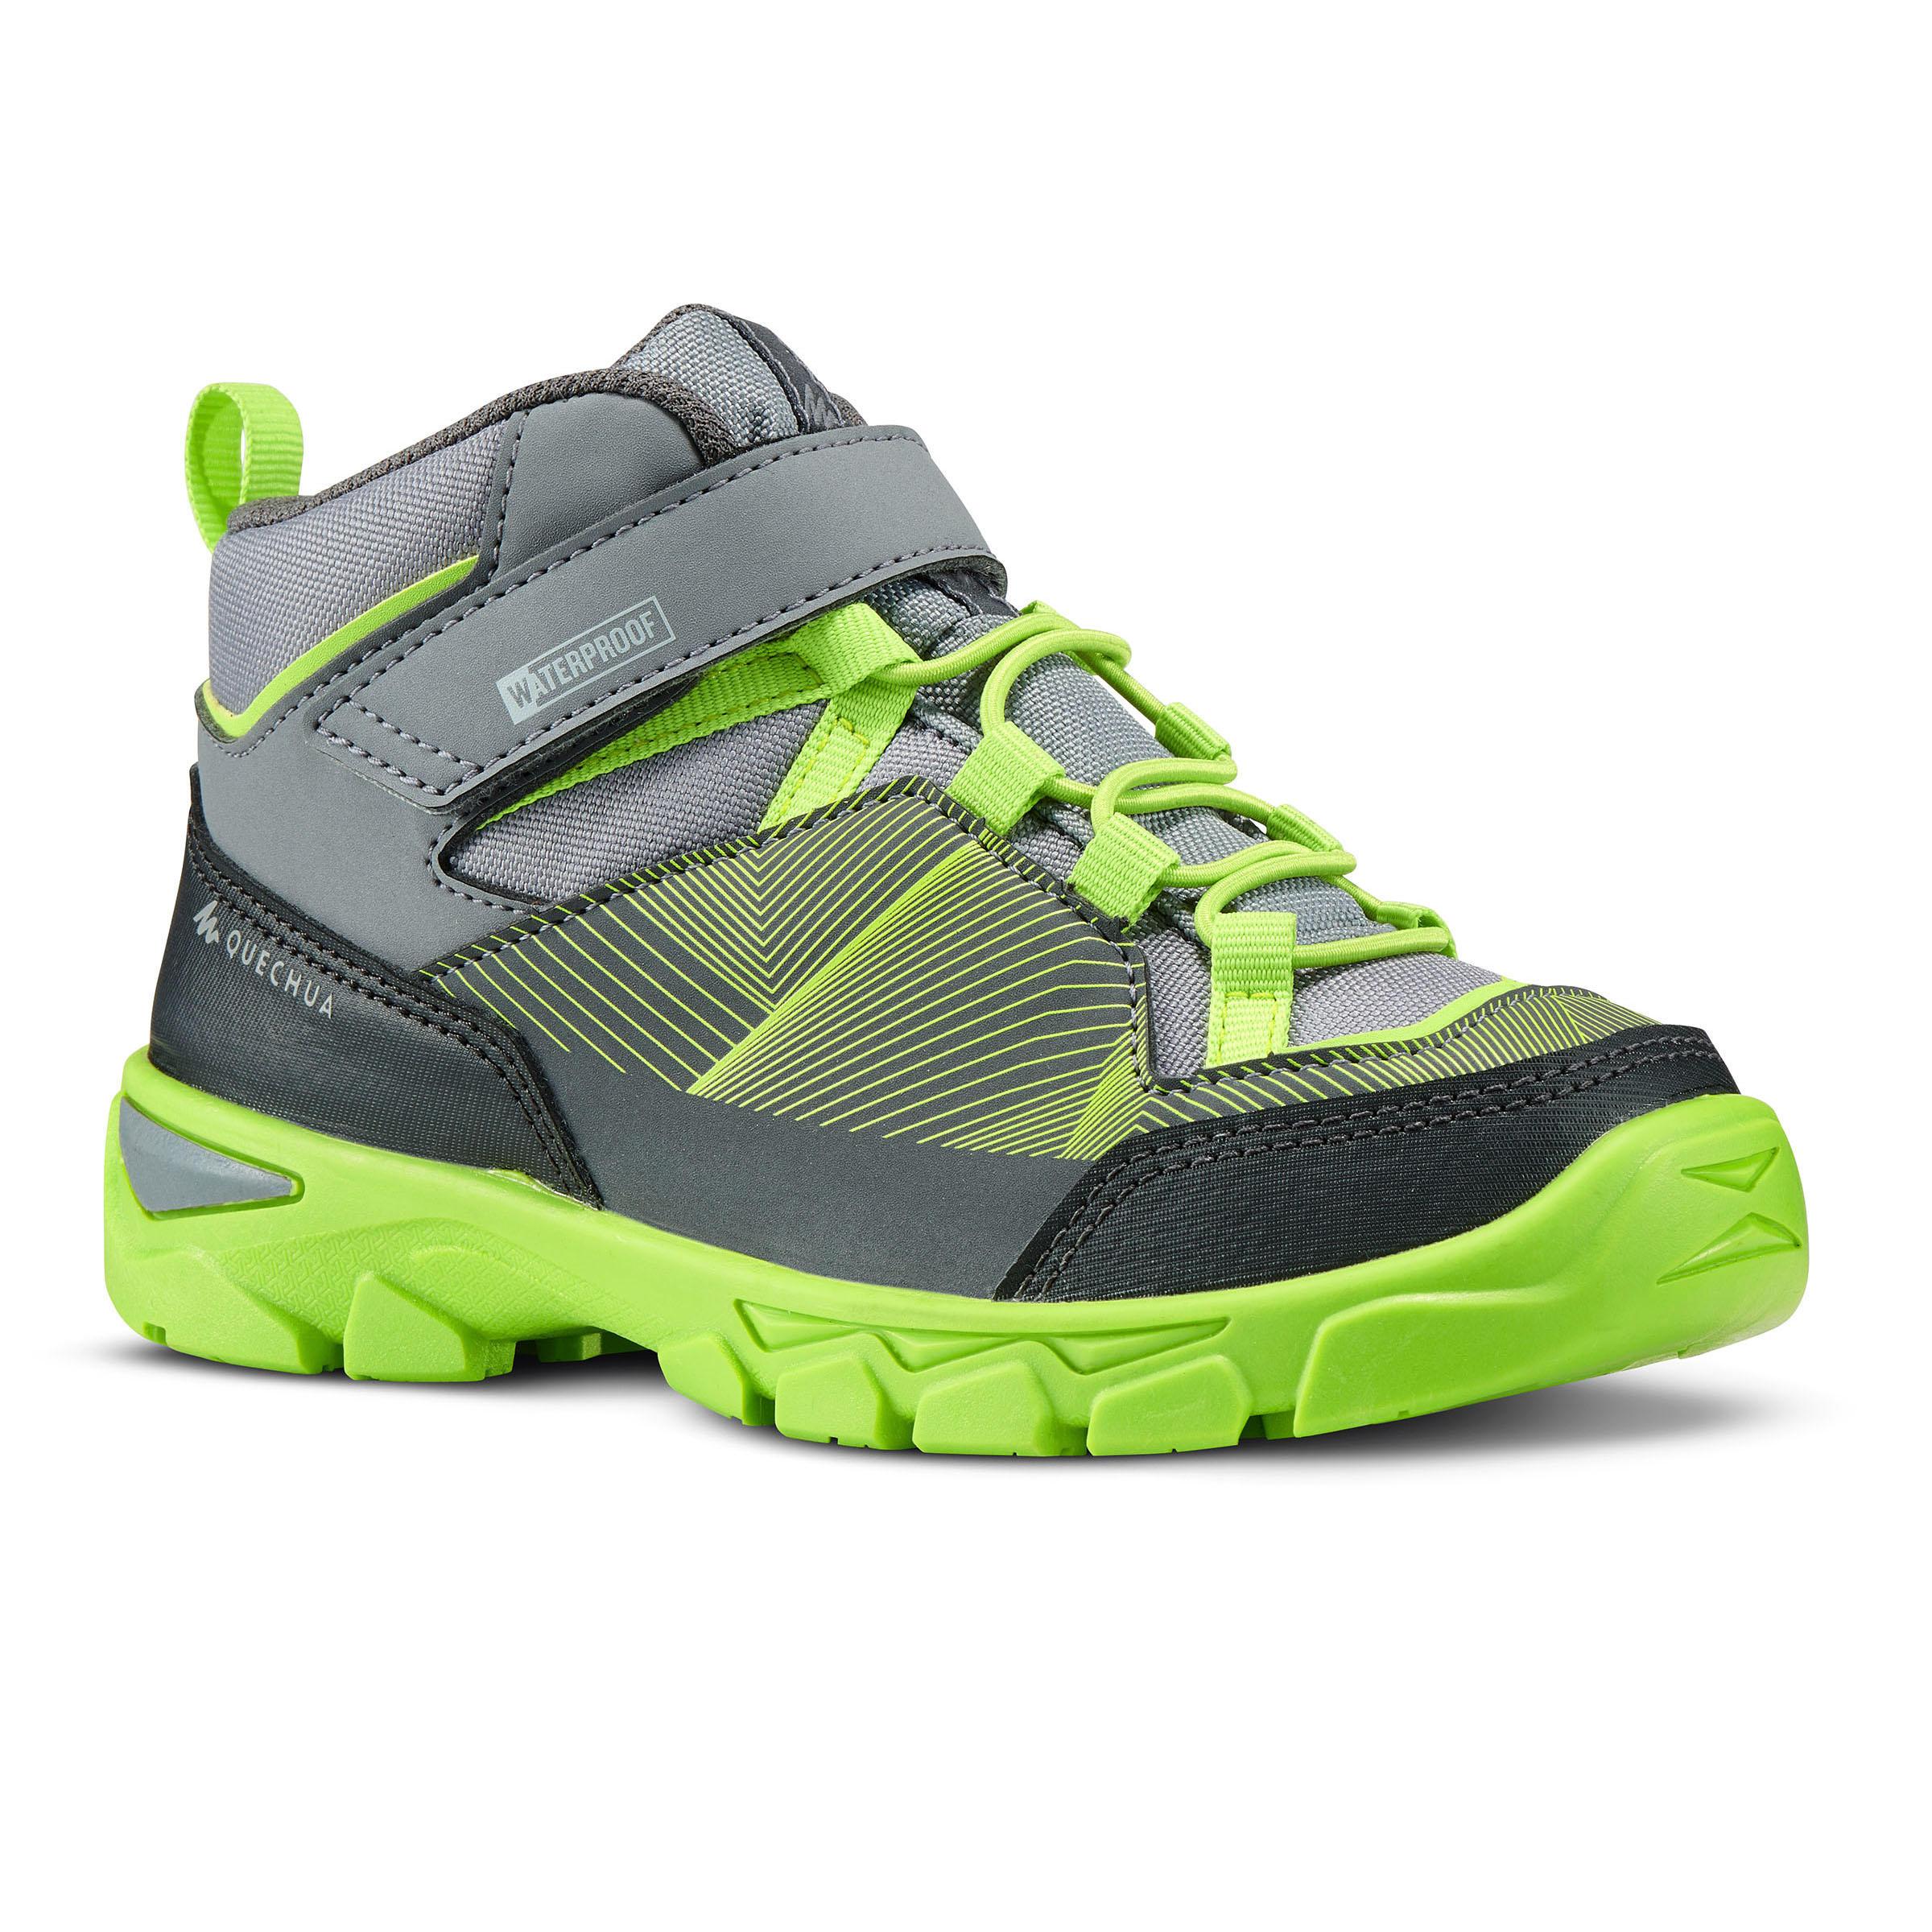 7d2076f1a0195b Outdoor-Schuhe bei Sportiply